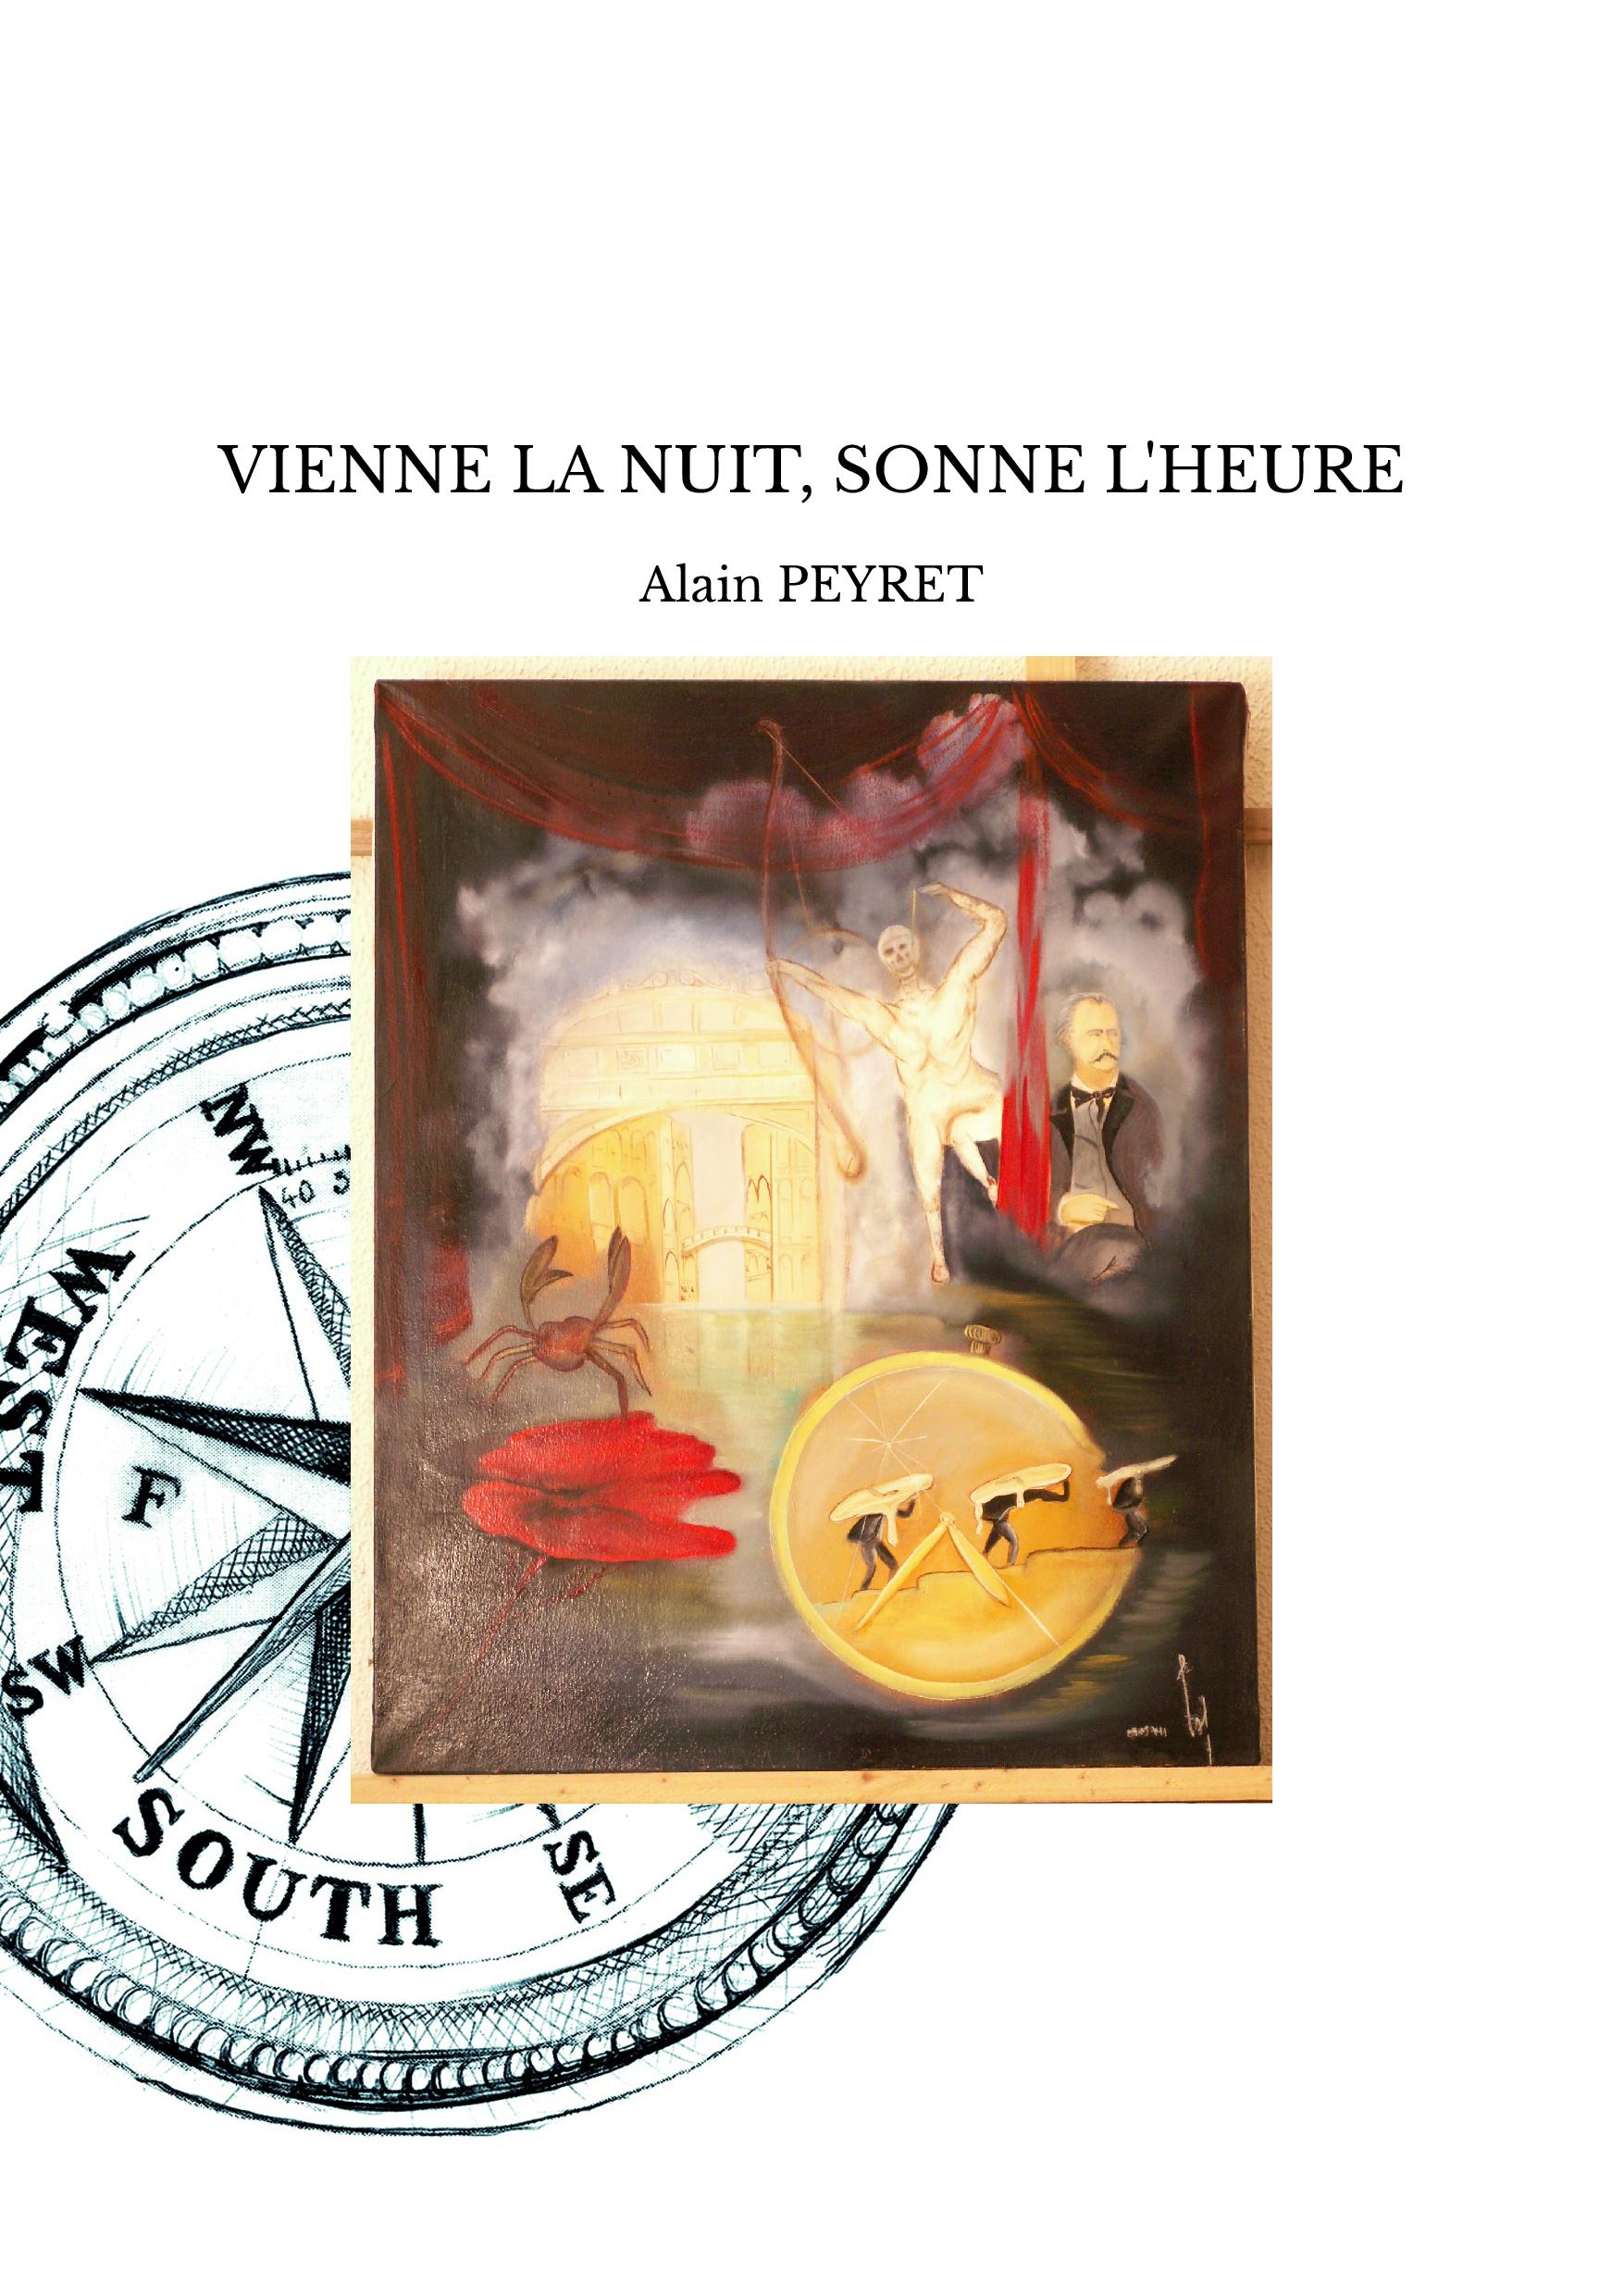 VIENNE LA NUIT, SONNE L'HEURE